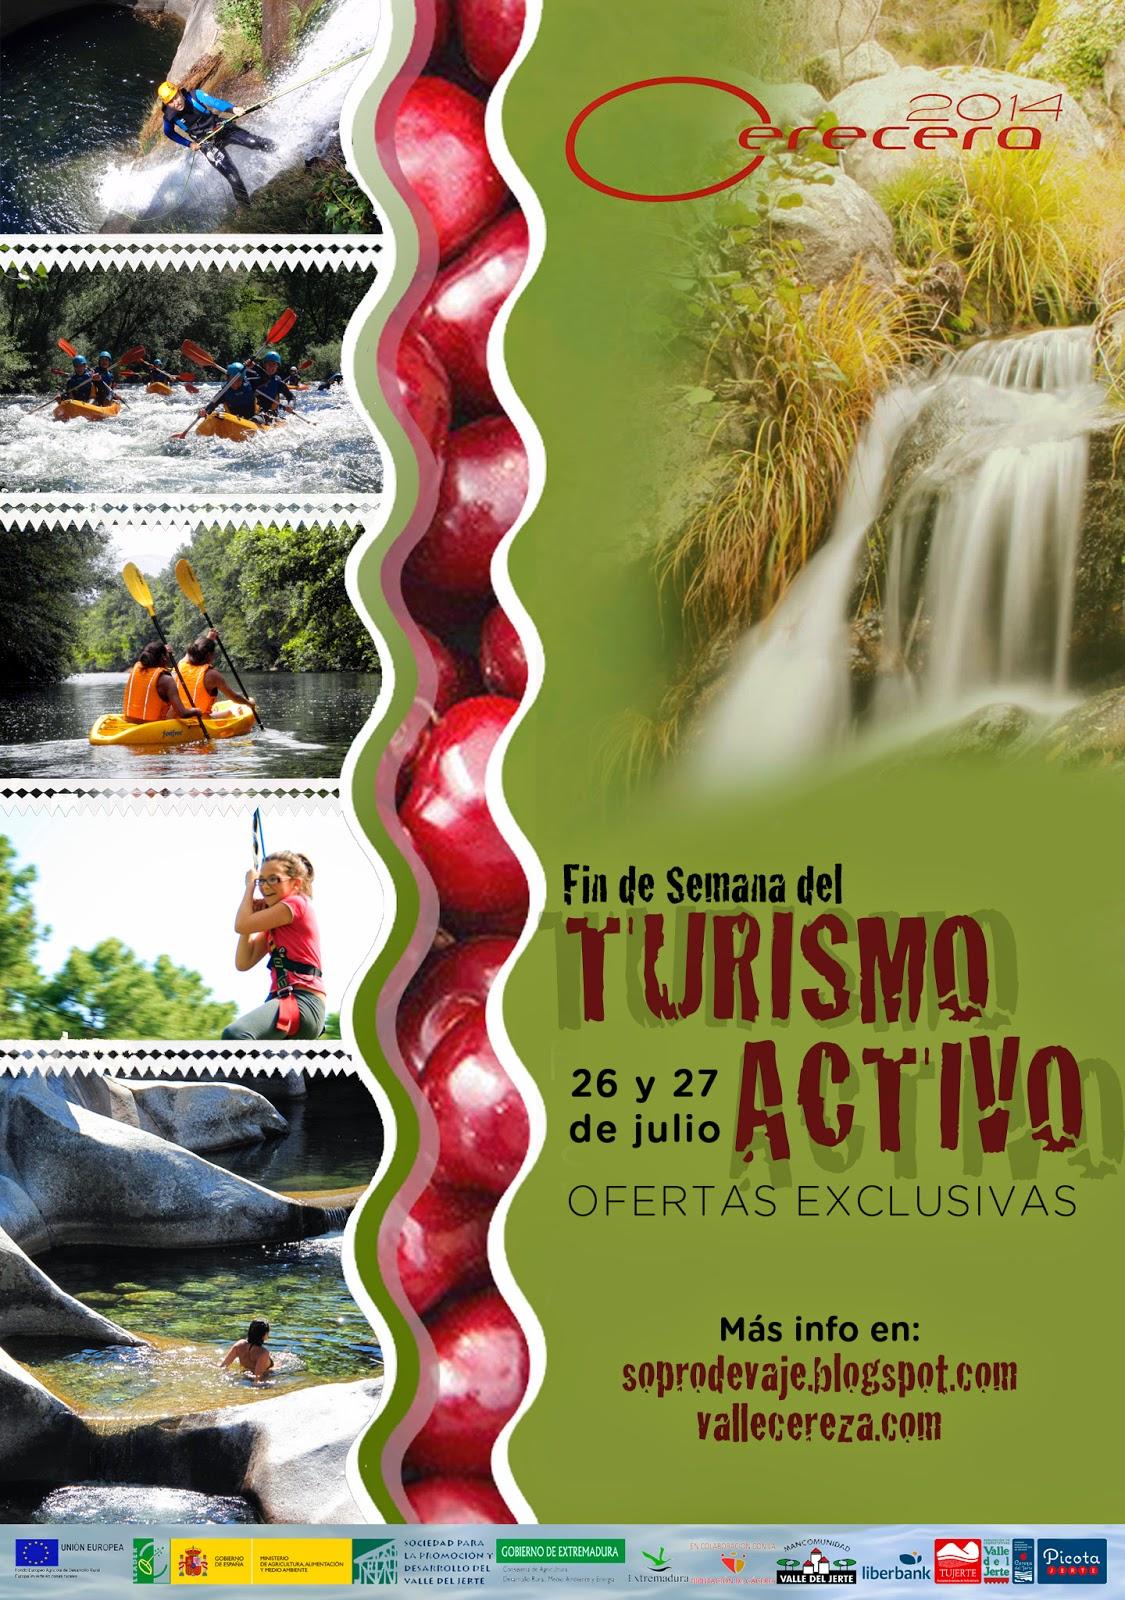 Fin de semana del TURISMO ACTIVO en el Valle del Jerte